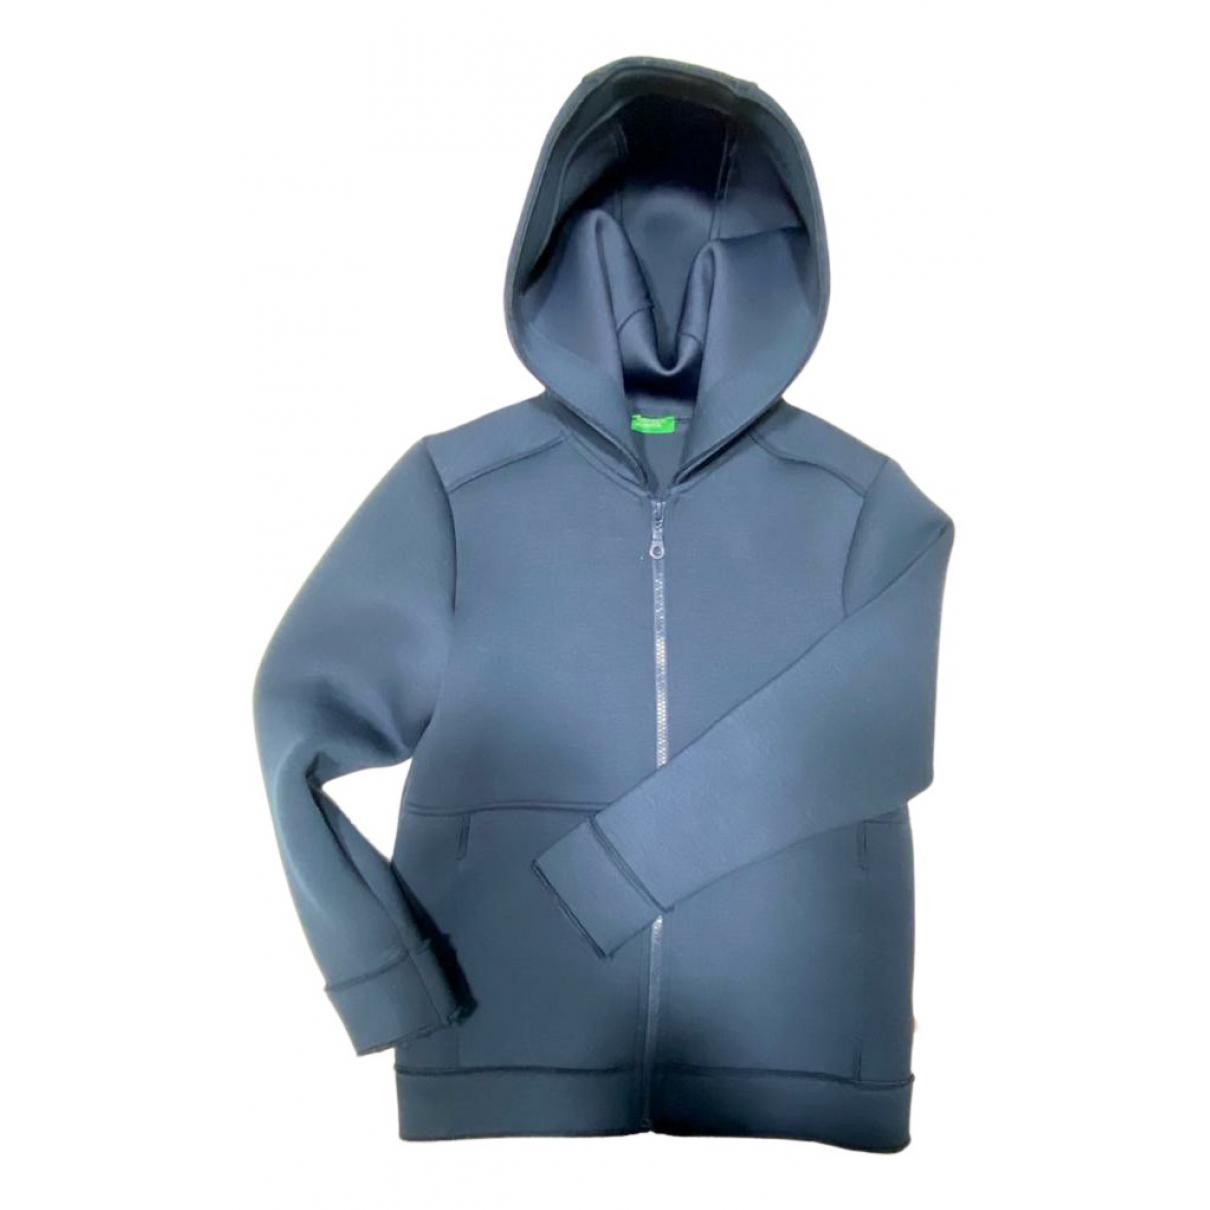 Benetton - Blousons.Manteaux   pour enfant - bleu